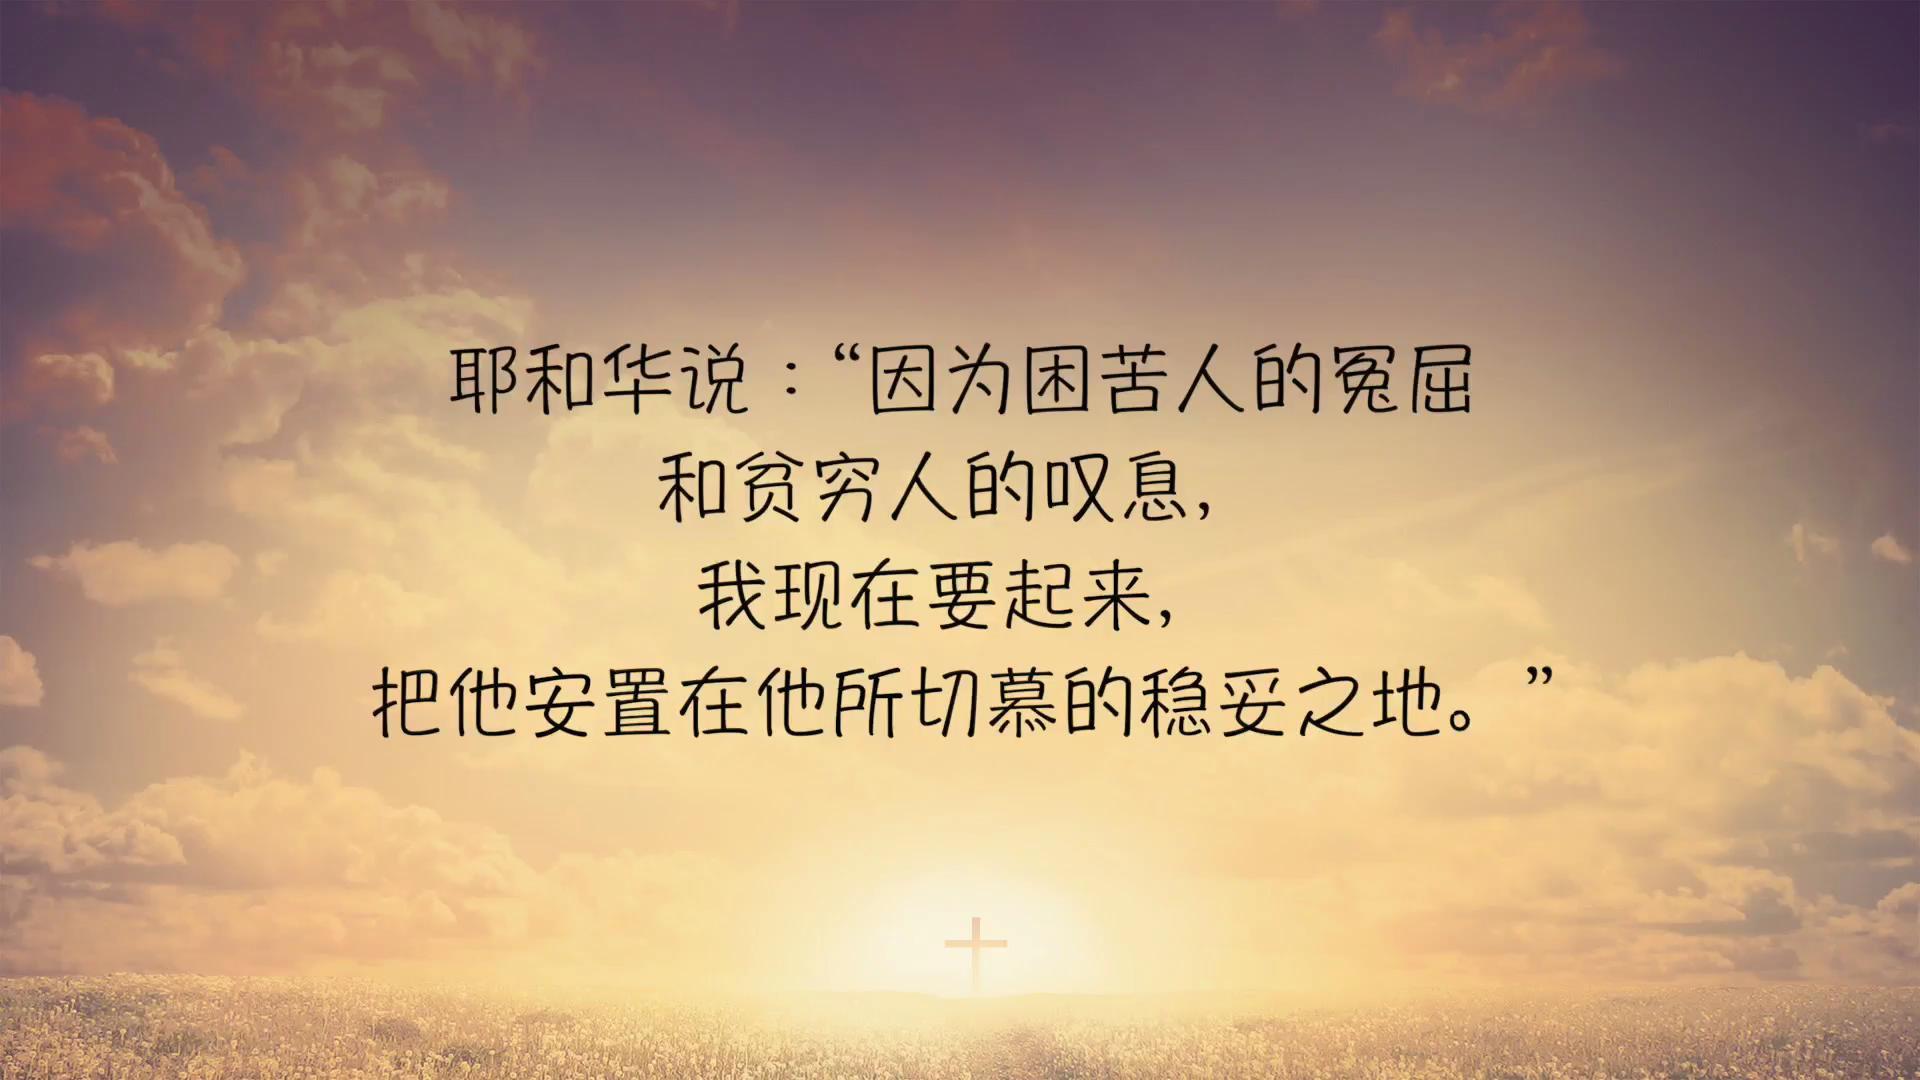 圣经三分钟 诗篇12_20180711221201.JPG